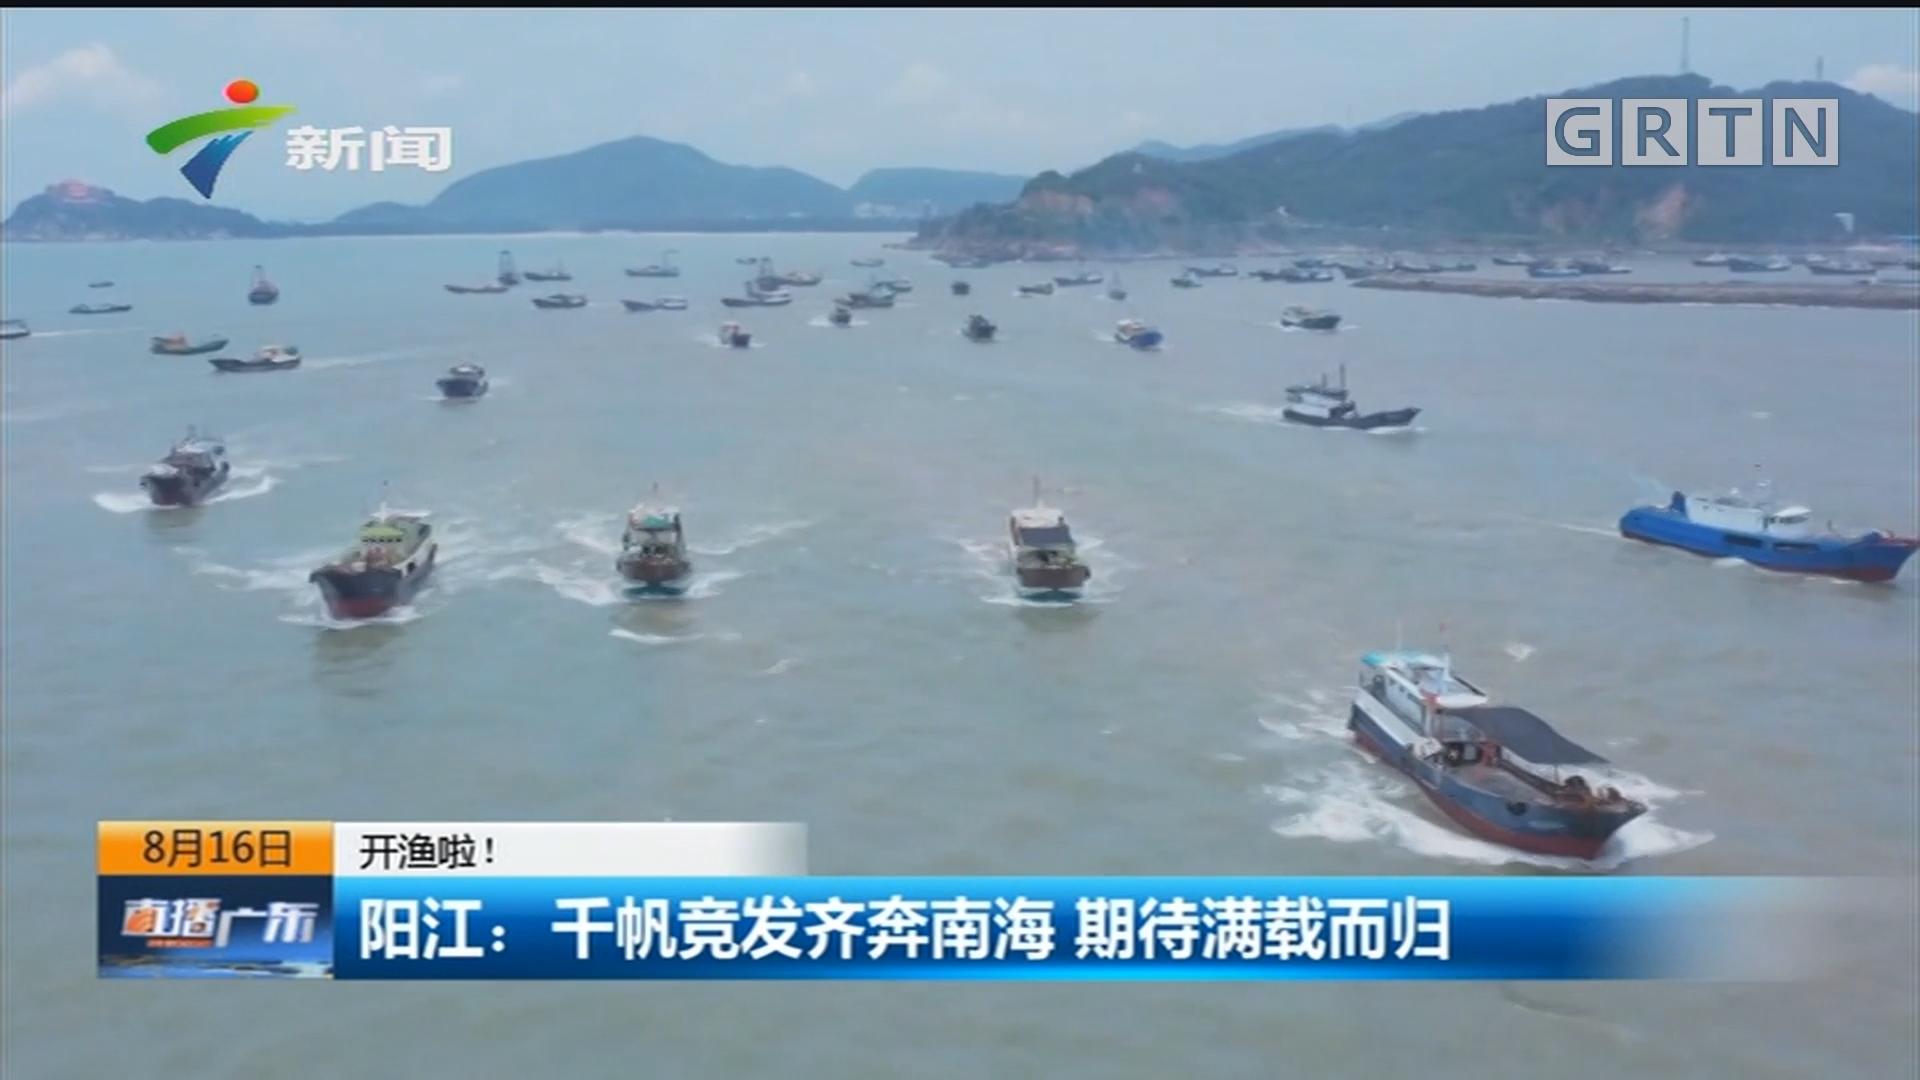 开渔啦!阳江:千帆竞发齐奔南海 期待满载而归